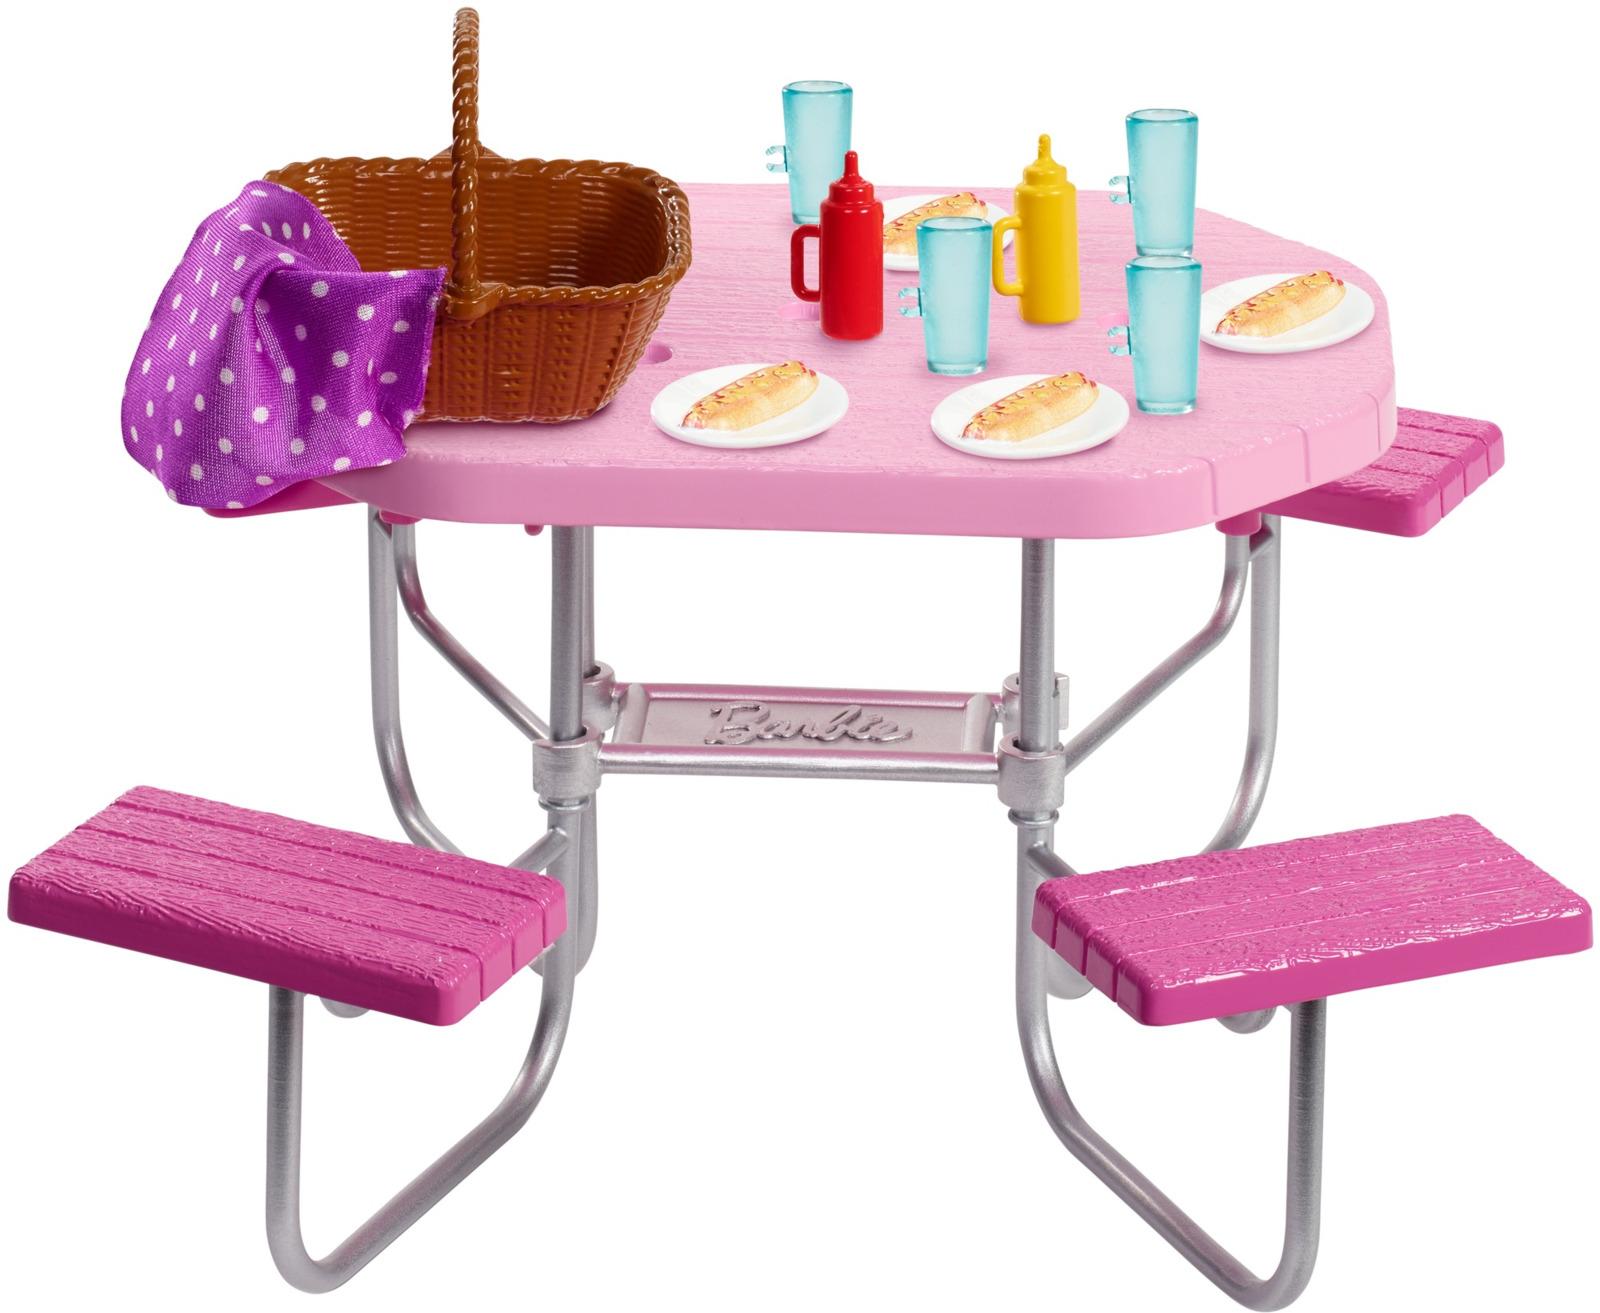 Фото - Мебель для кукол Barbie Отдых на природе, FXG37_FXG40 наборы для пикника